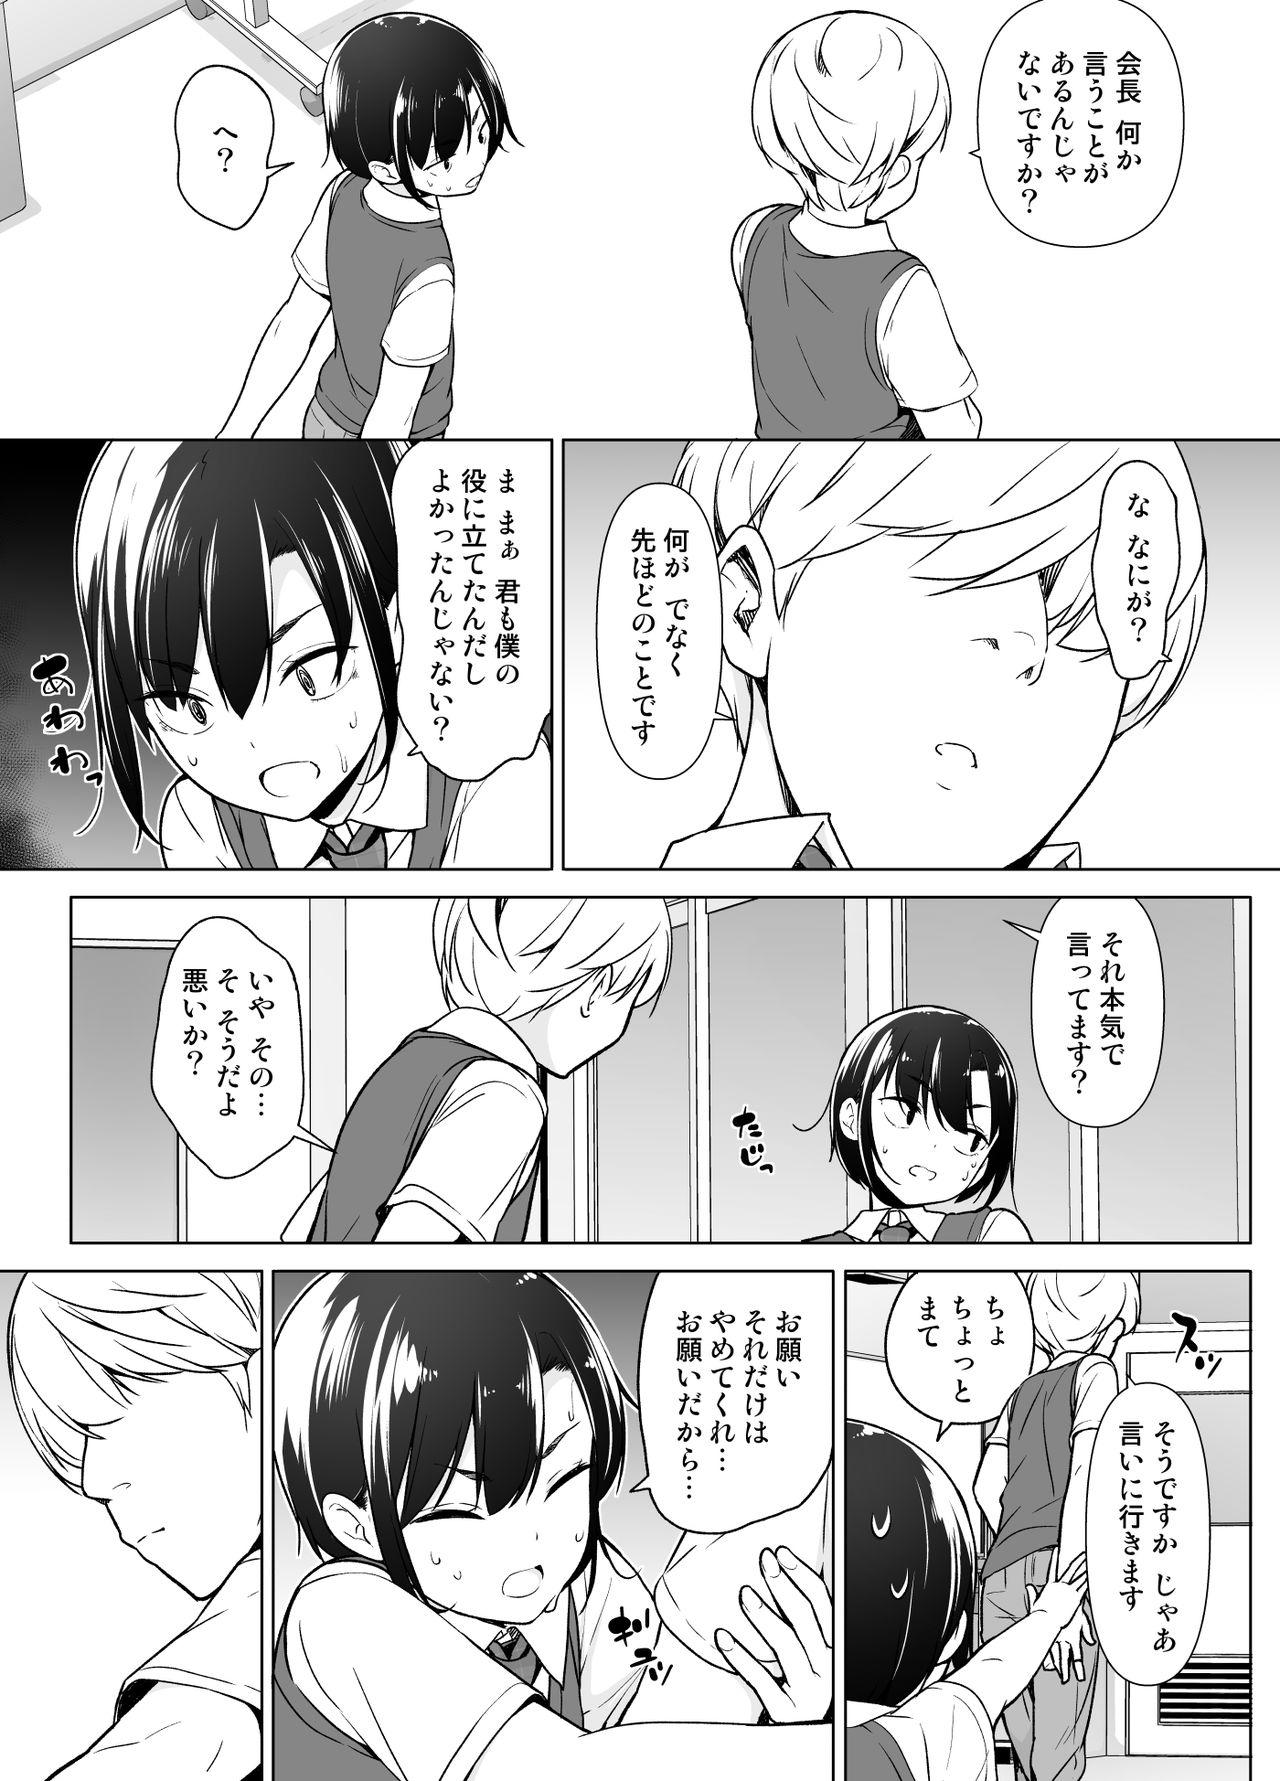 Gouman Seitokaichou ga Josou o Shitara 9